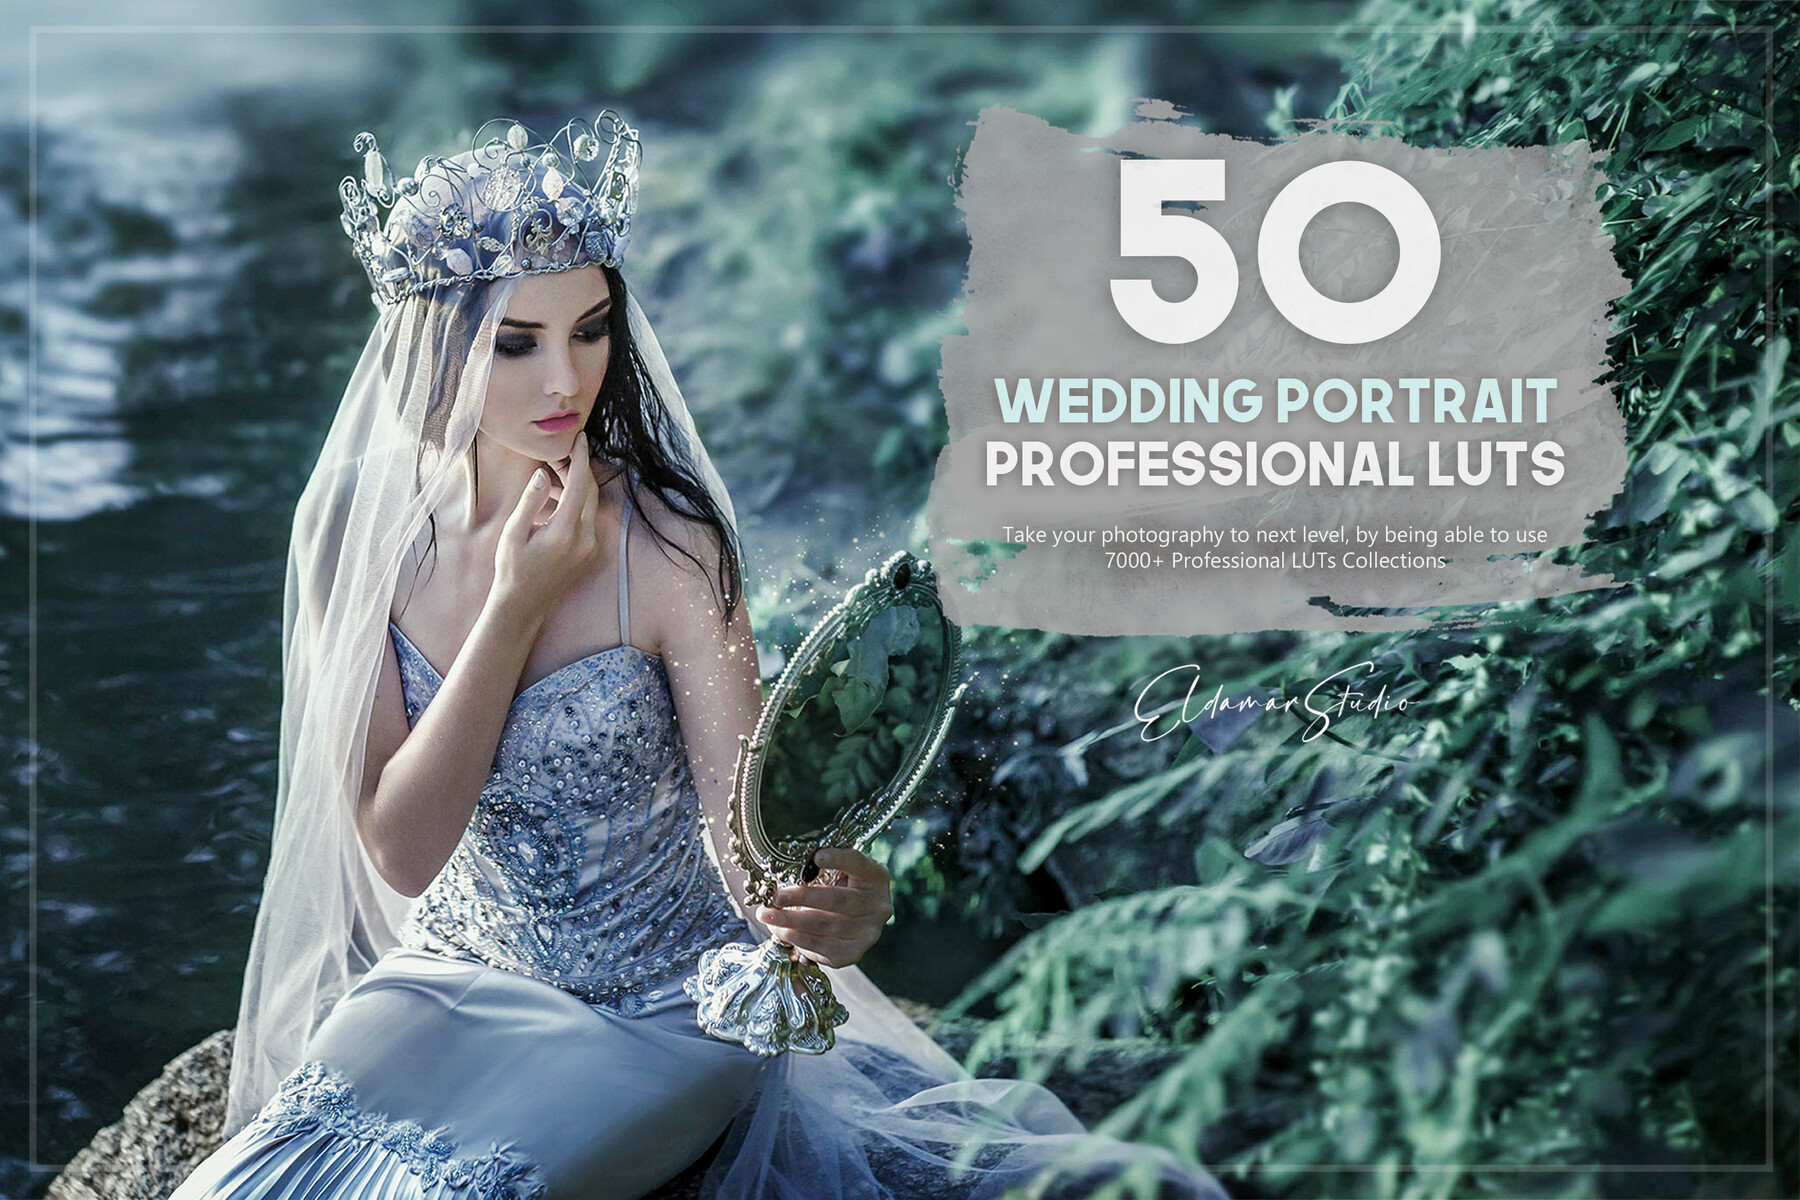 50 Wedding Portrait LUTs Pack